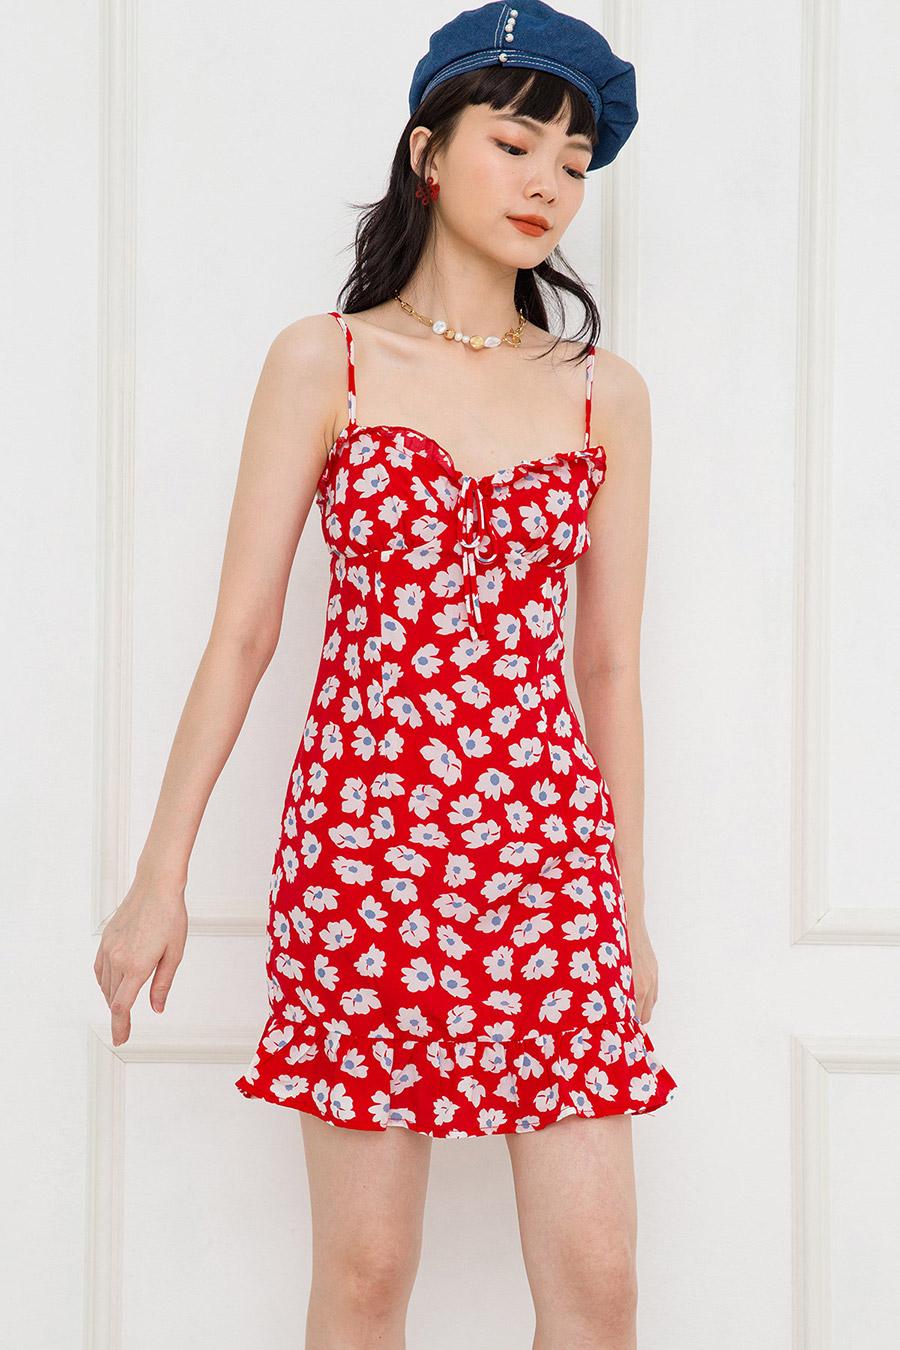 REMY DRESS - SCARLET FLEUR